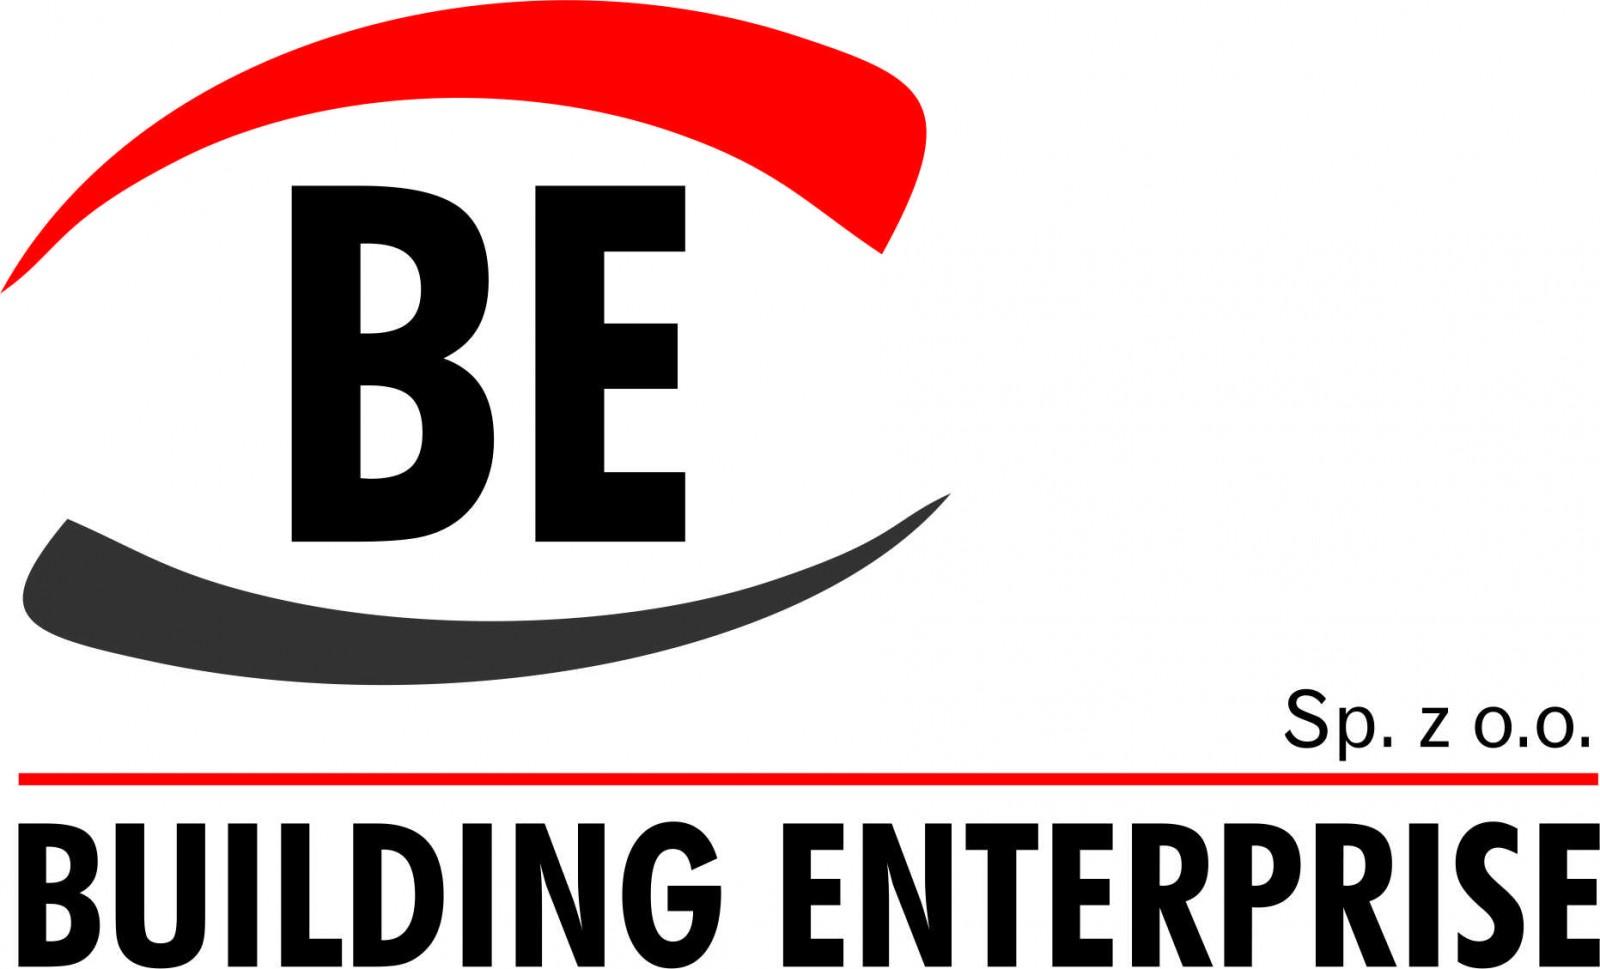 Building Enterprise Sp. z o.o.